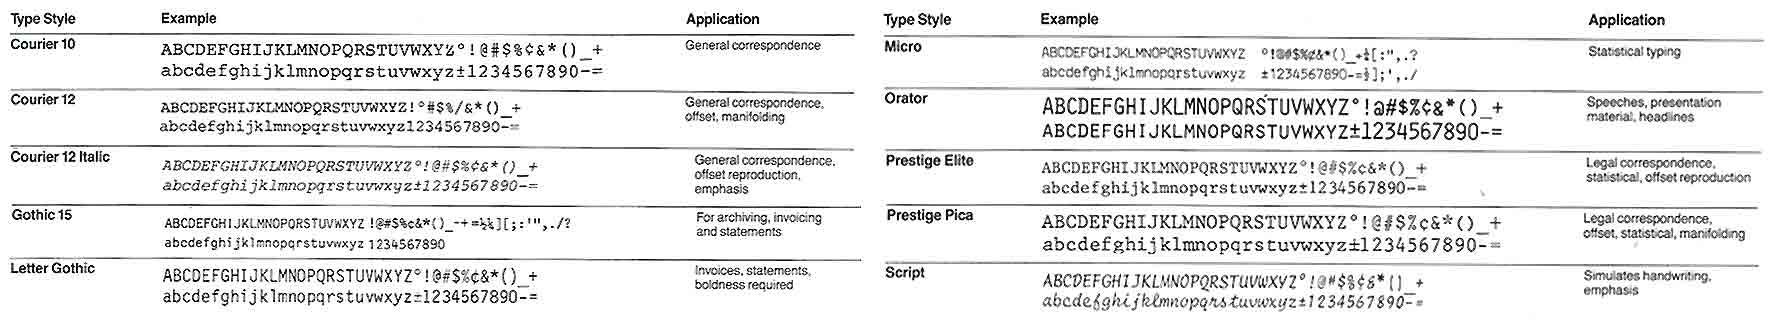 typestyles-typewriters-as-of-9-15-19-edited.jpg